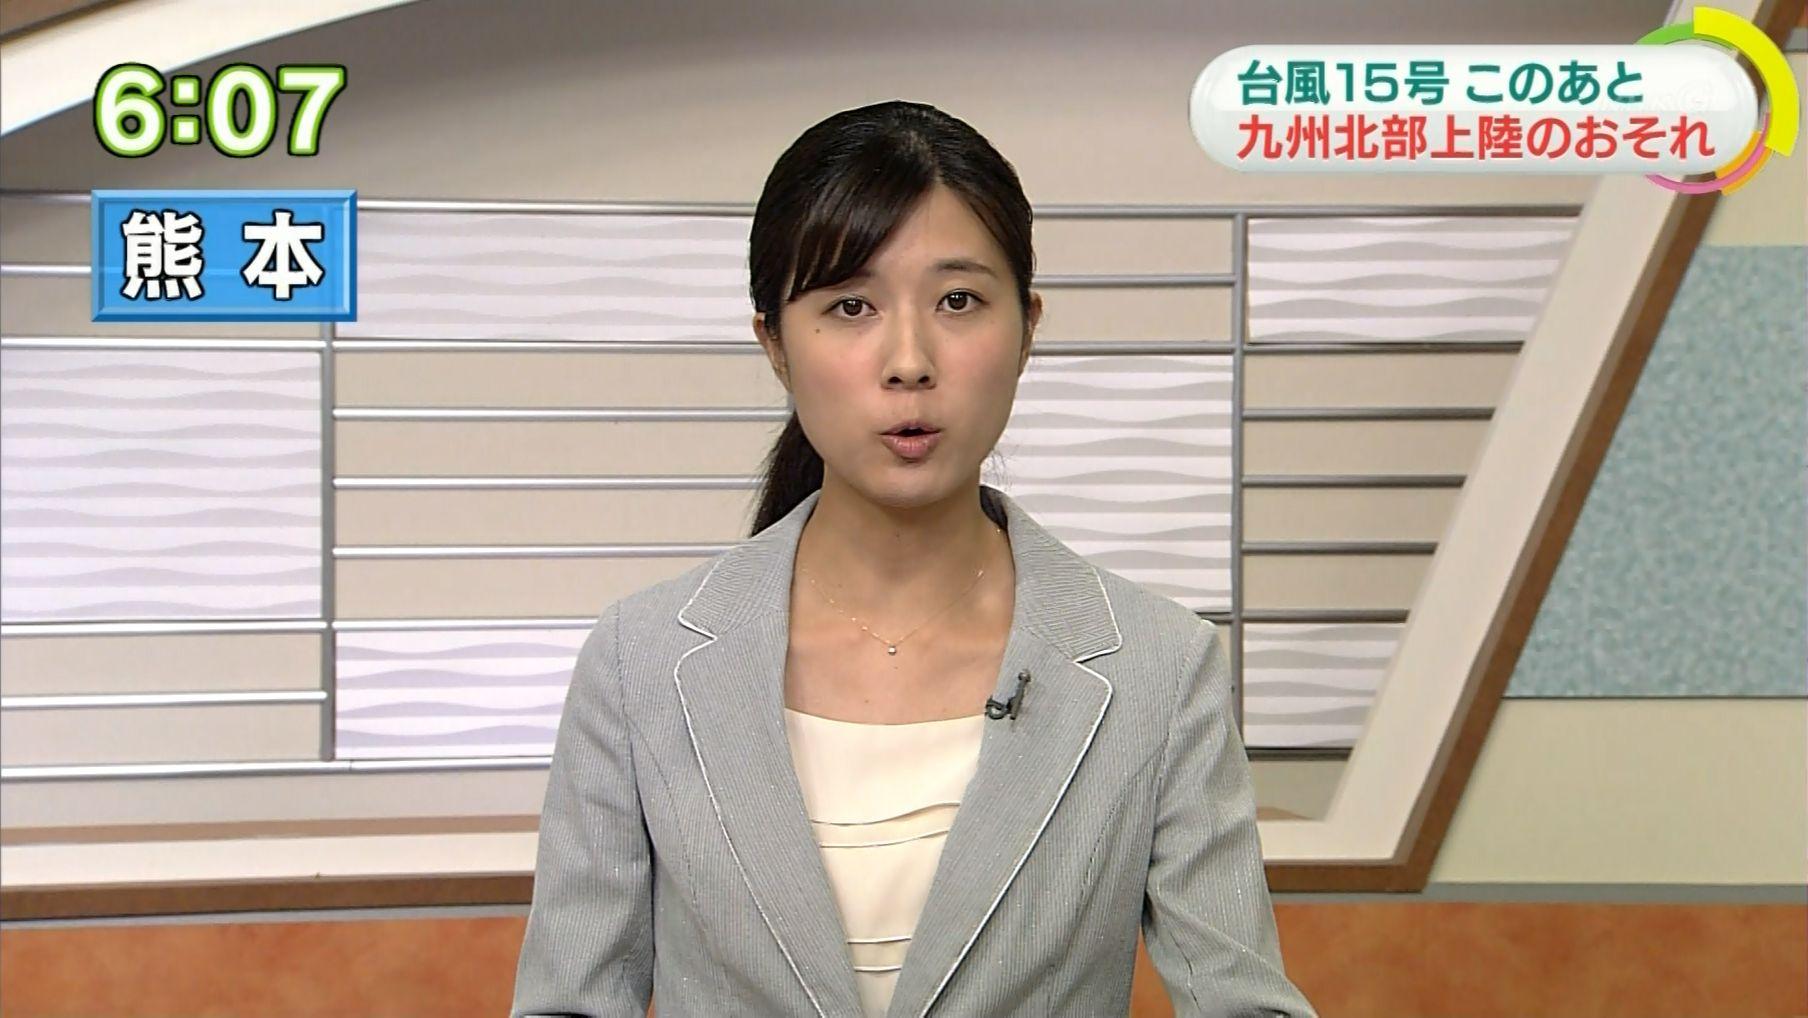 石橋亜紗の画像 p1_39